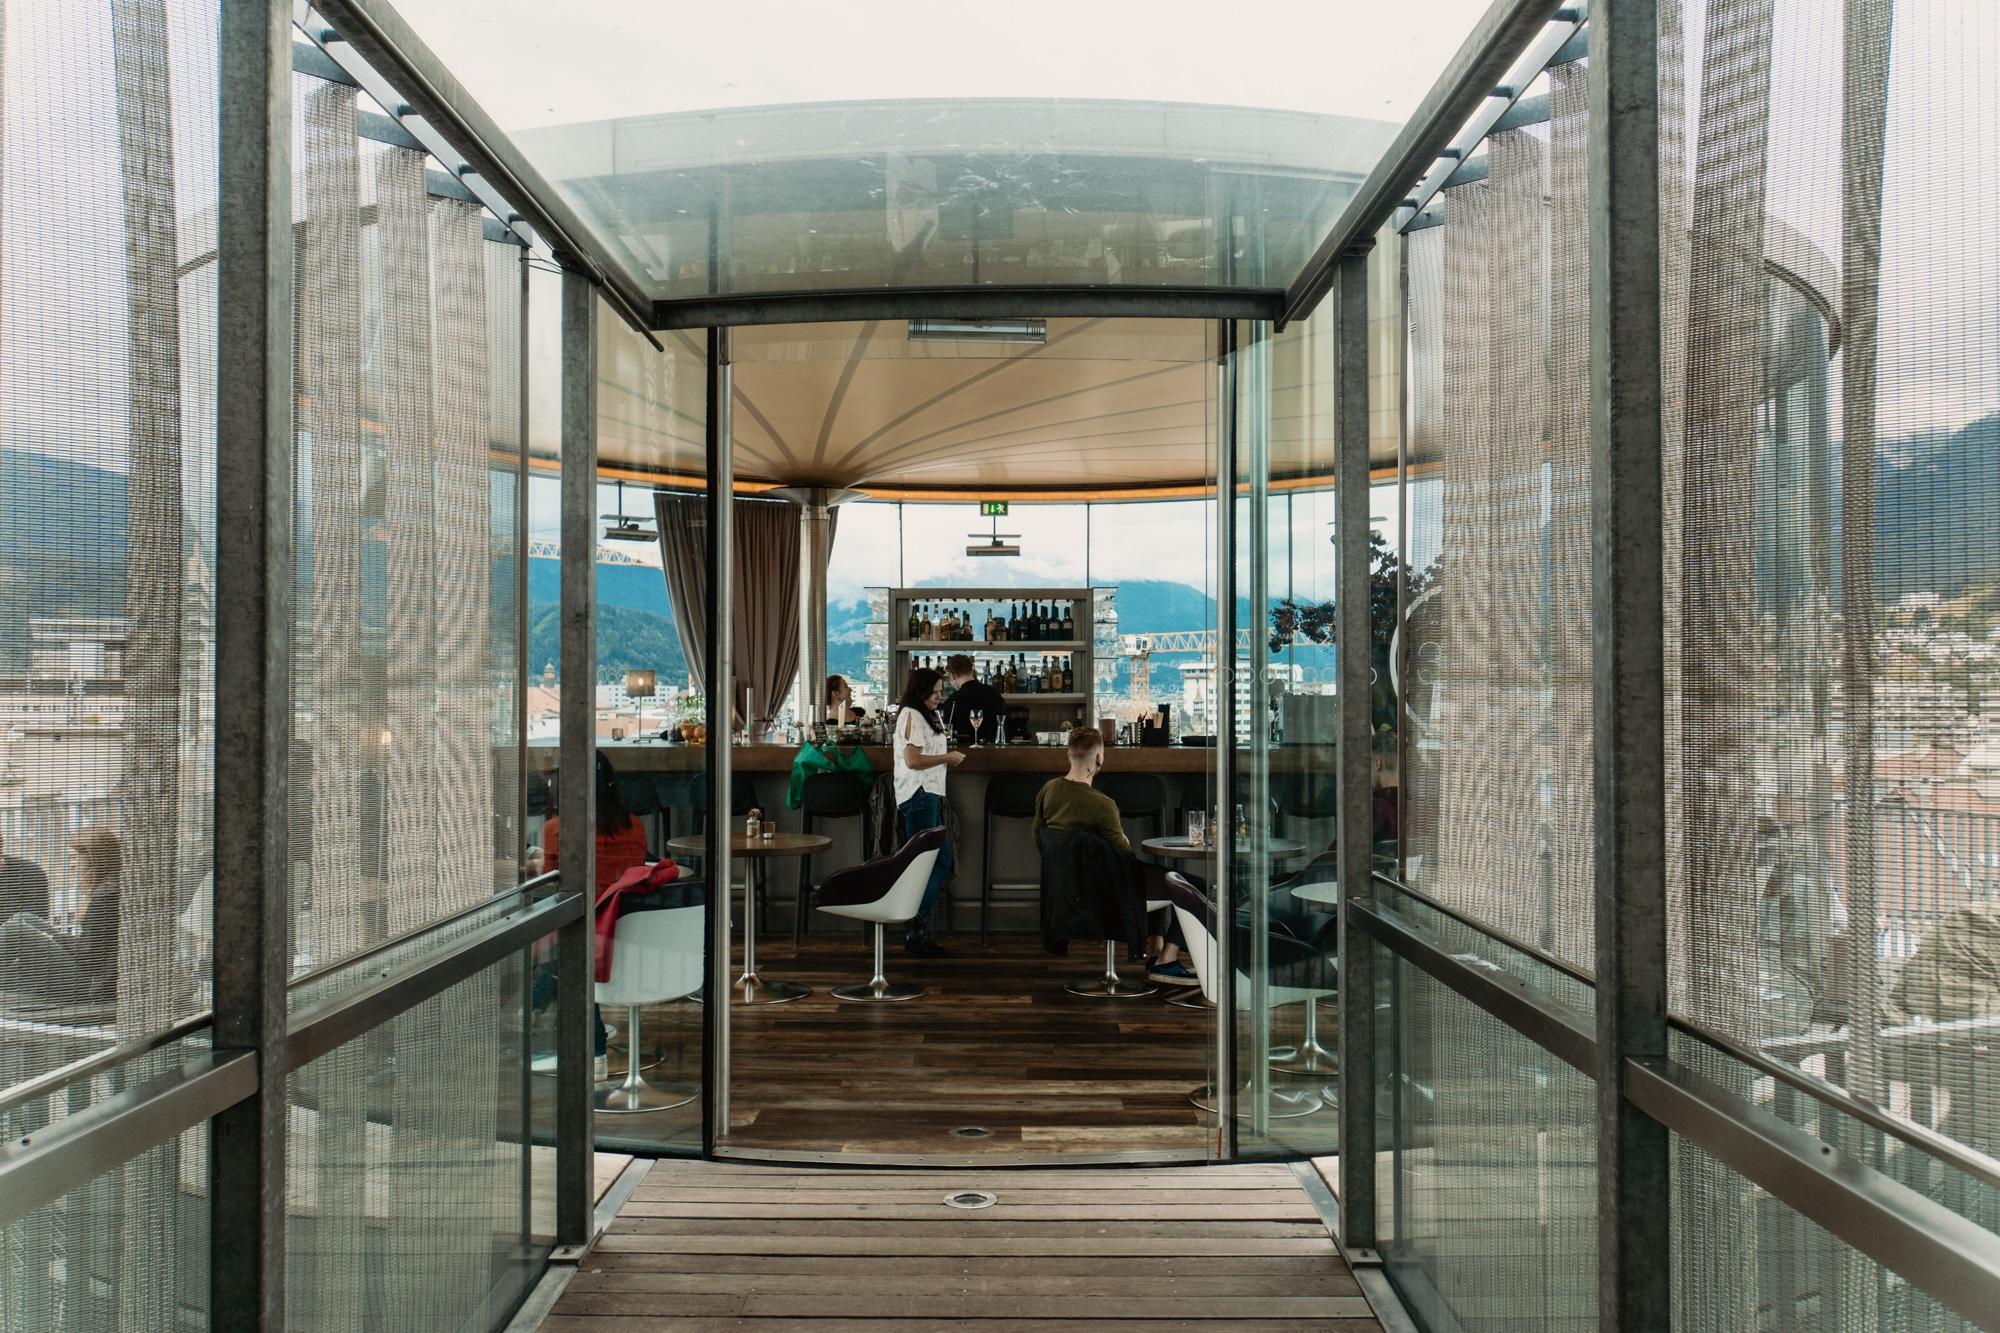 Innsbruck Sehenswürdigkeiten: Top Ten Highlights und Tipps für die Stadt - 360 Grad Bar